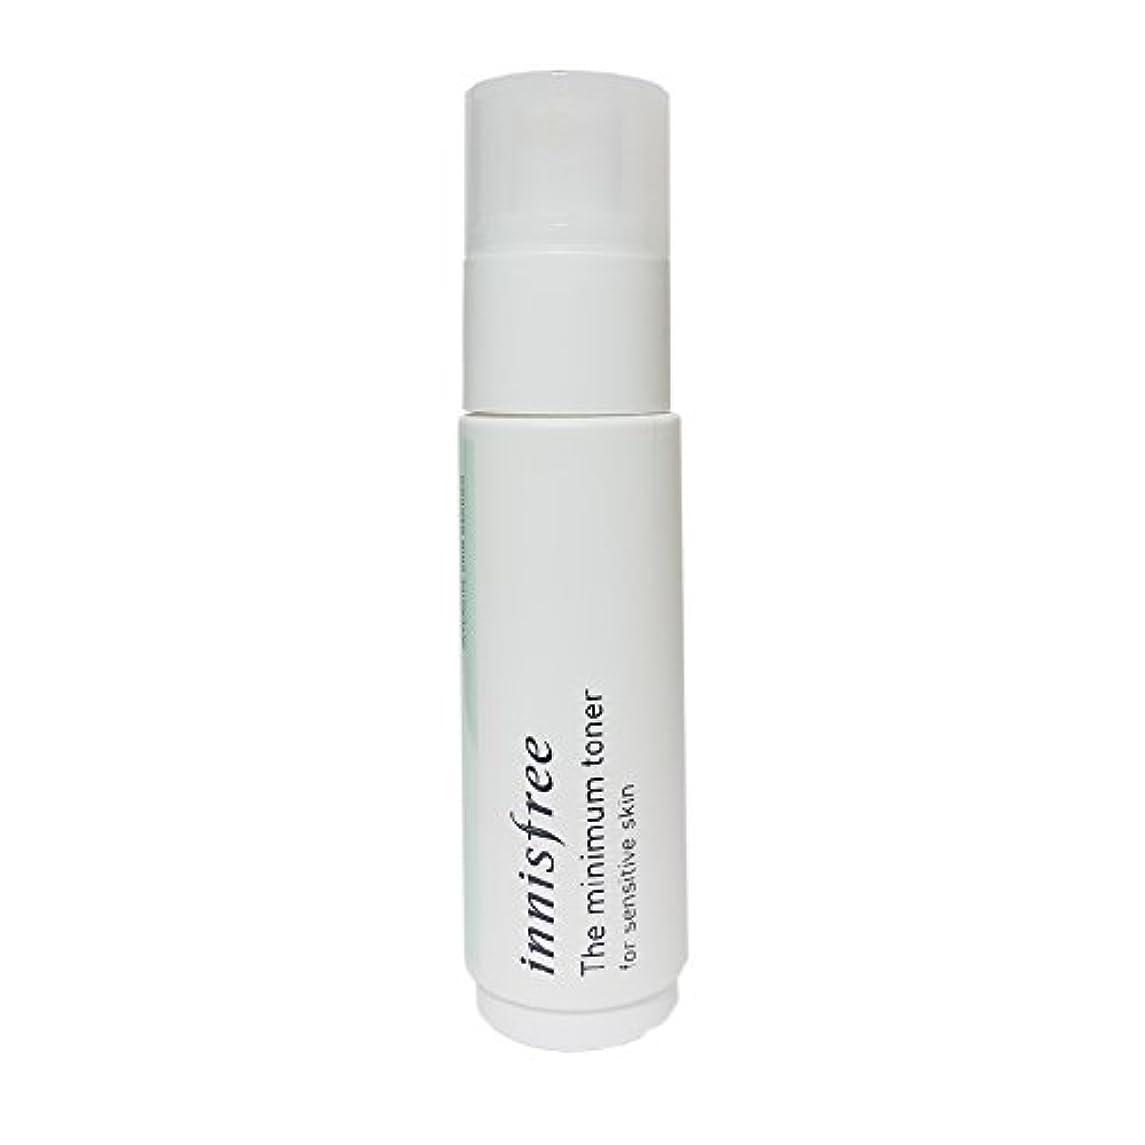 避難する引く接続された[イニスフリー] Innisfree ザミニマム トナー敏感肌用(45ml) Innisfree The Minimum Toner For Sensitive Skin(45ml)  [海外直送品]